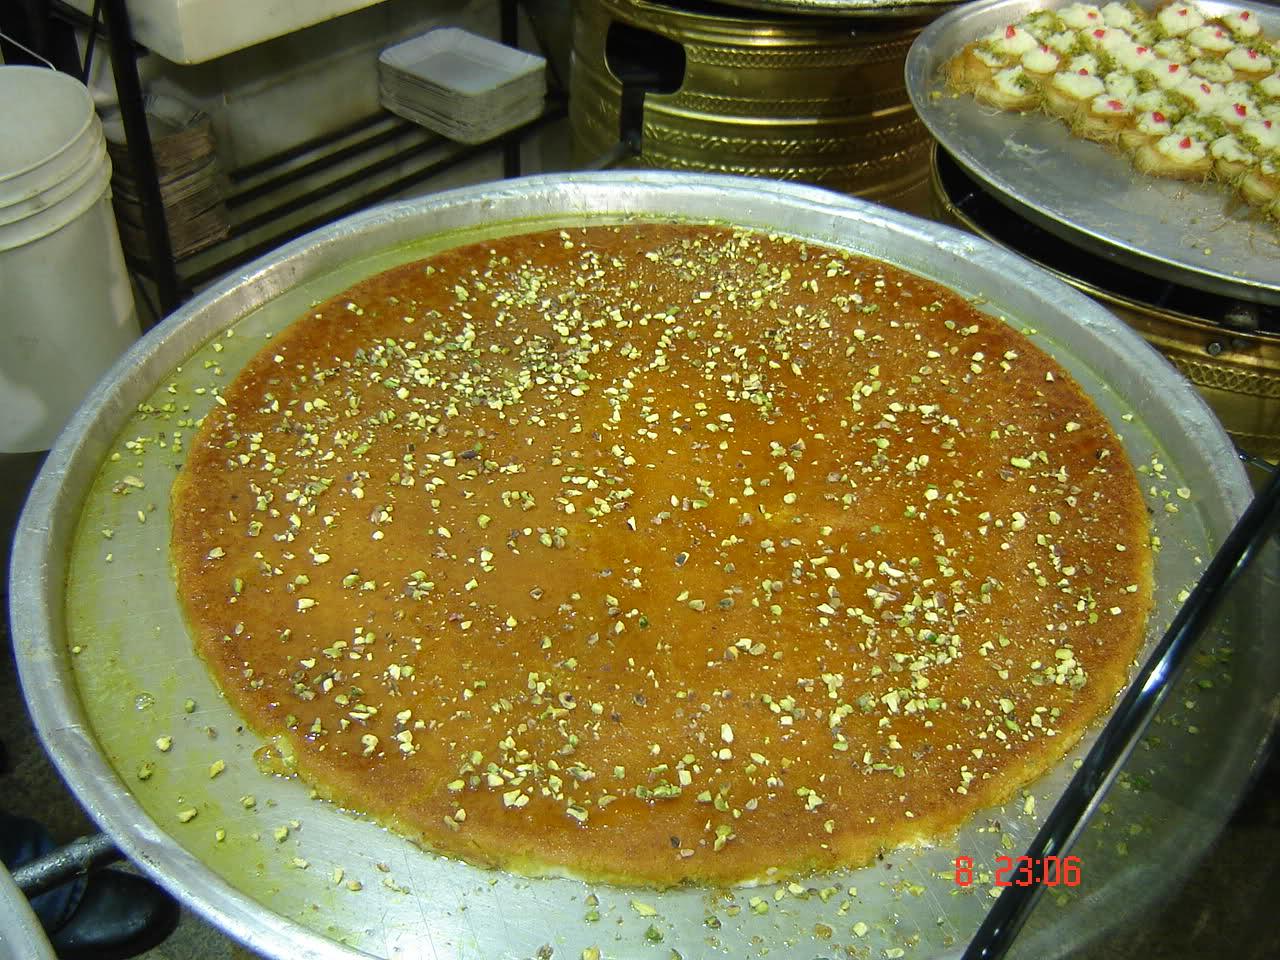 بالصور حلويات حبيبة , اجمل صور حلوى حبيبة 4759